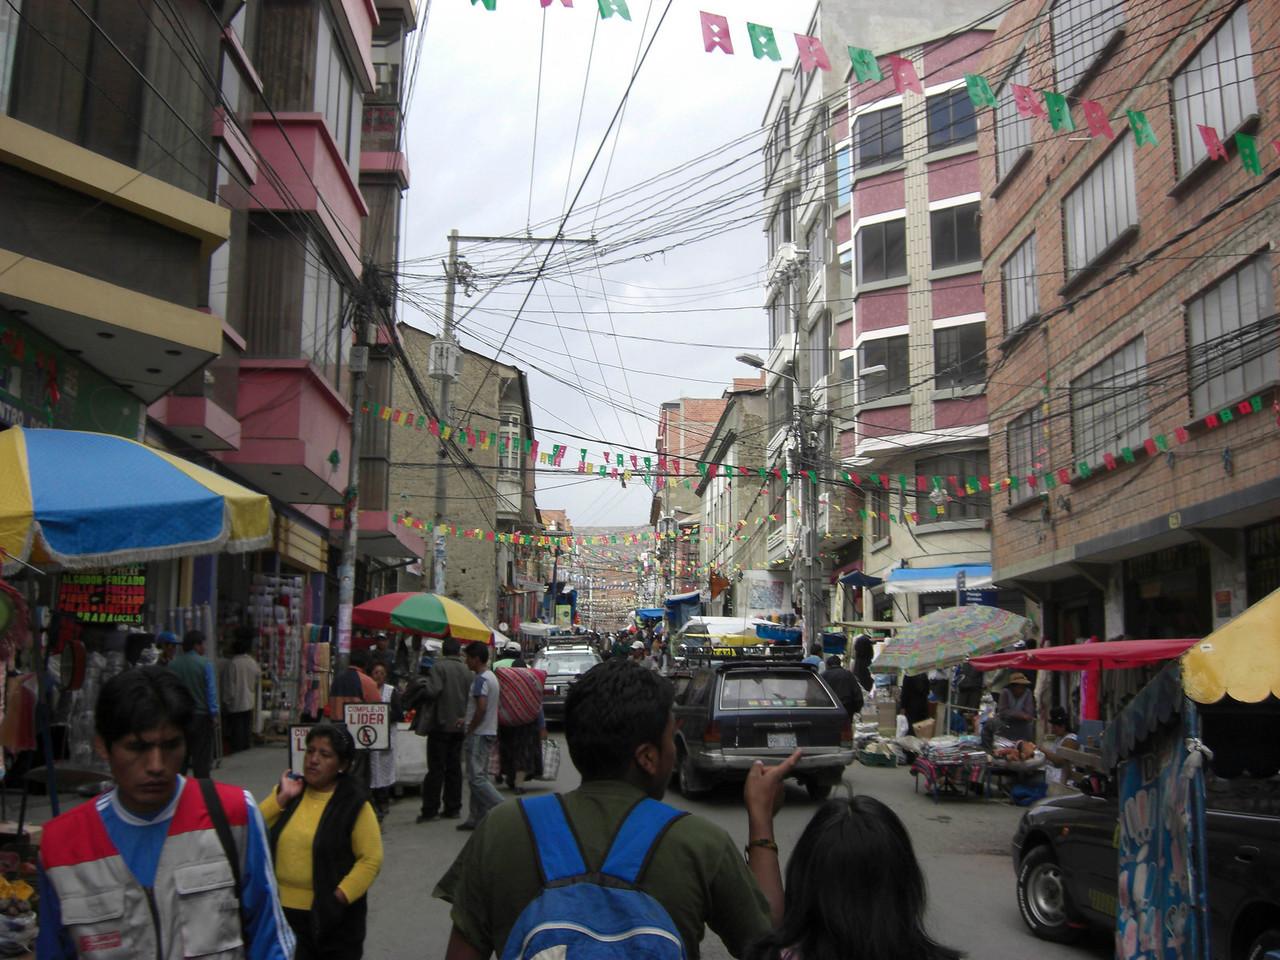 Busy market day in La Paz